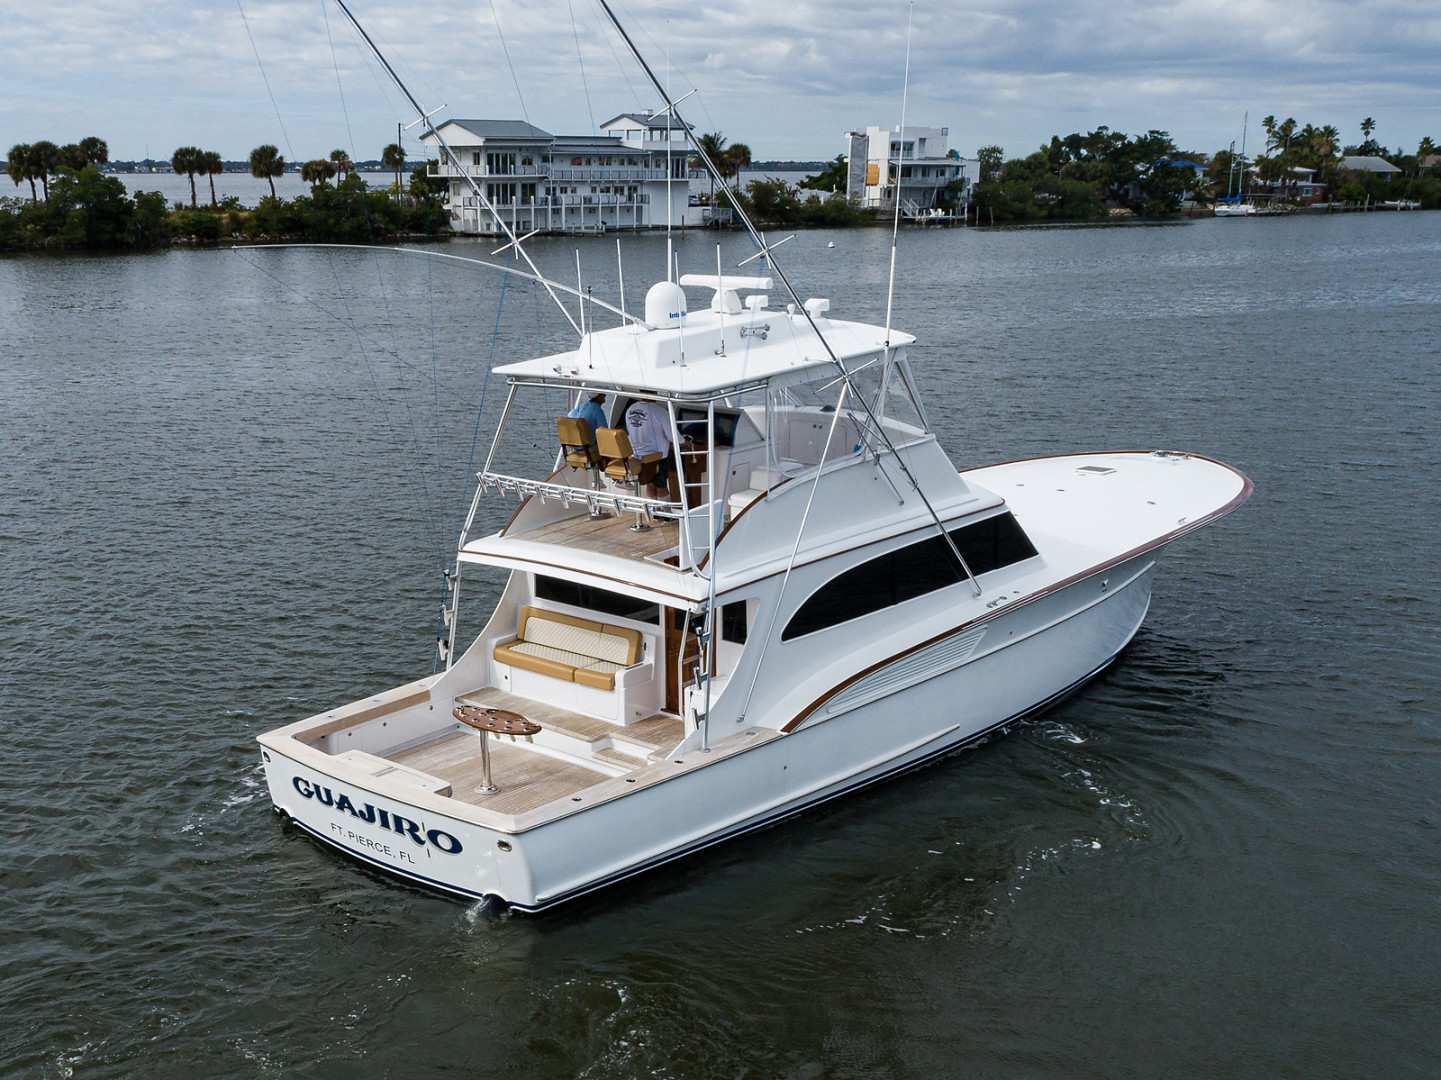 Sunny Briggs-Custom Sportfisherman 2000-Guajiro Stuart-Florida-United States-Guajiro-1578956 | Thumbnail